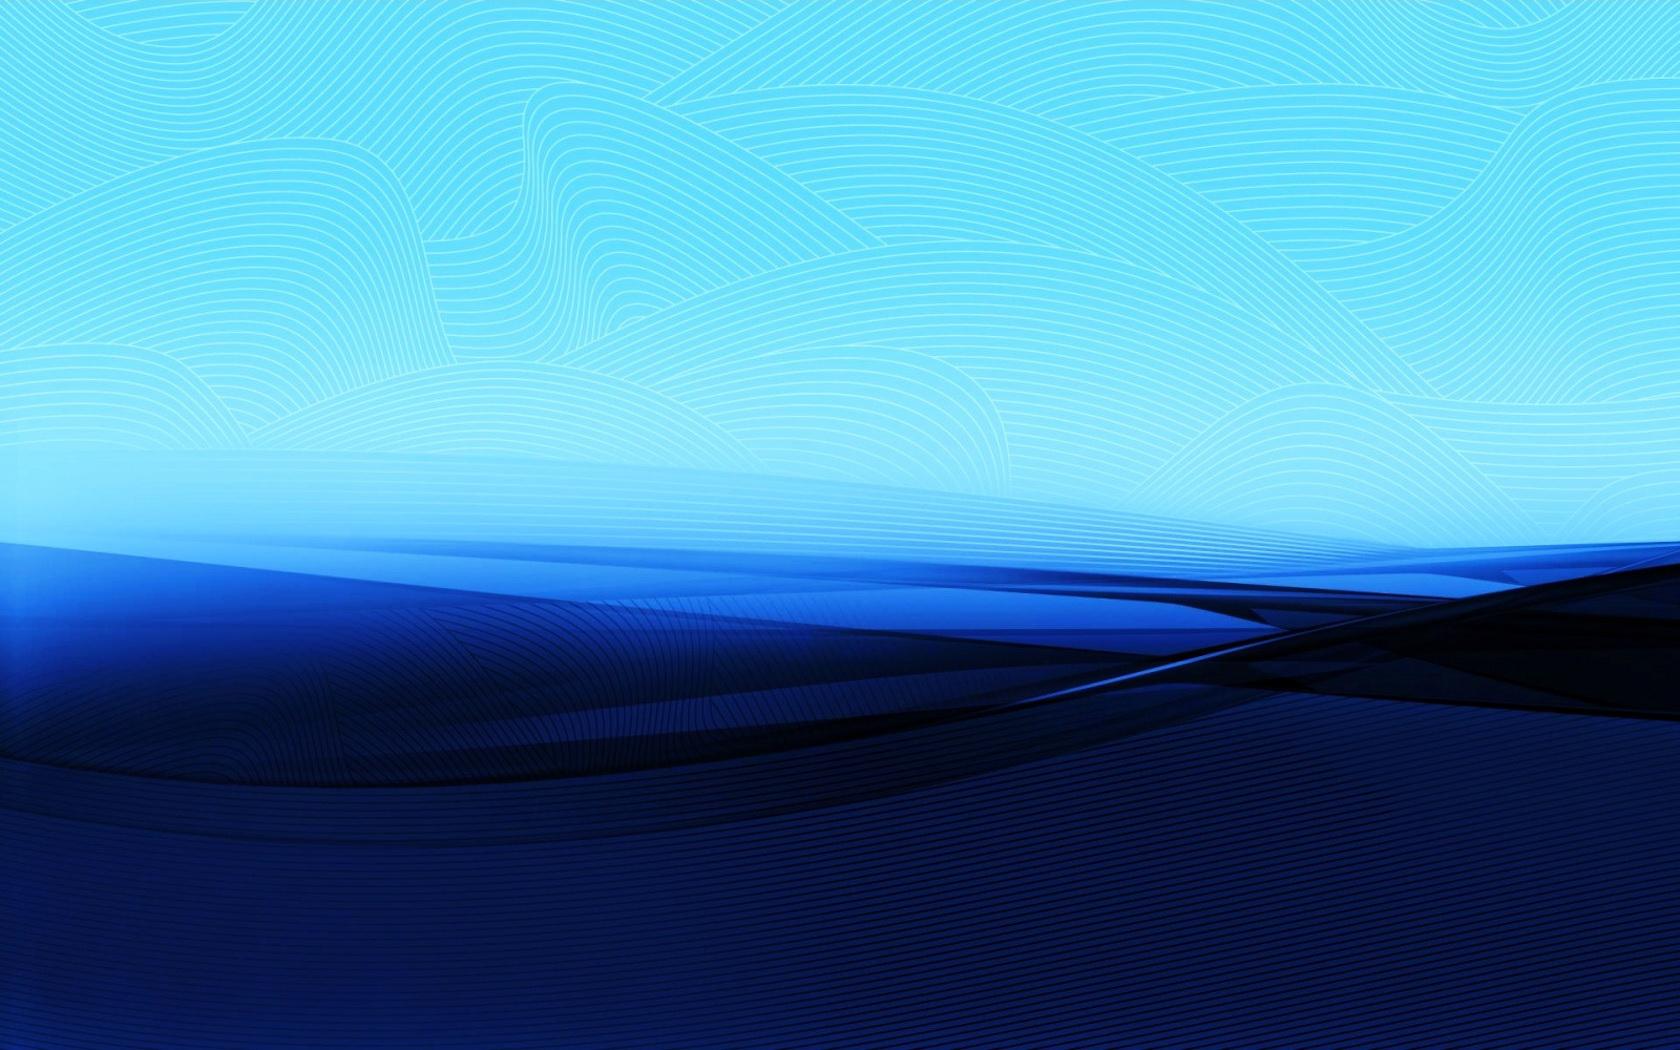 Красивые обои фон синий   подборка 25 картинок (1)